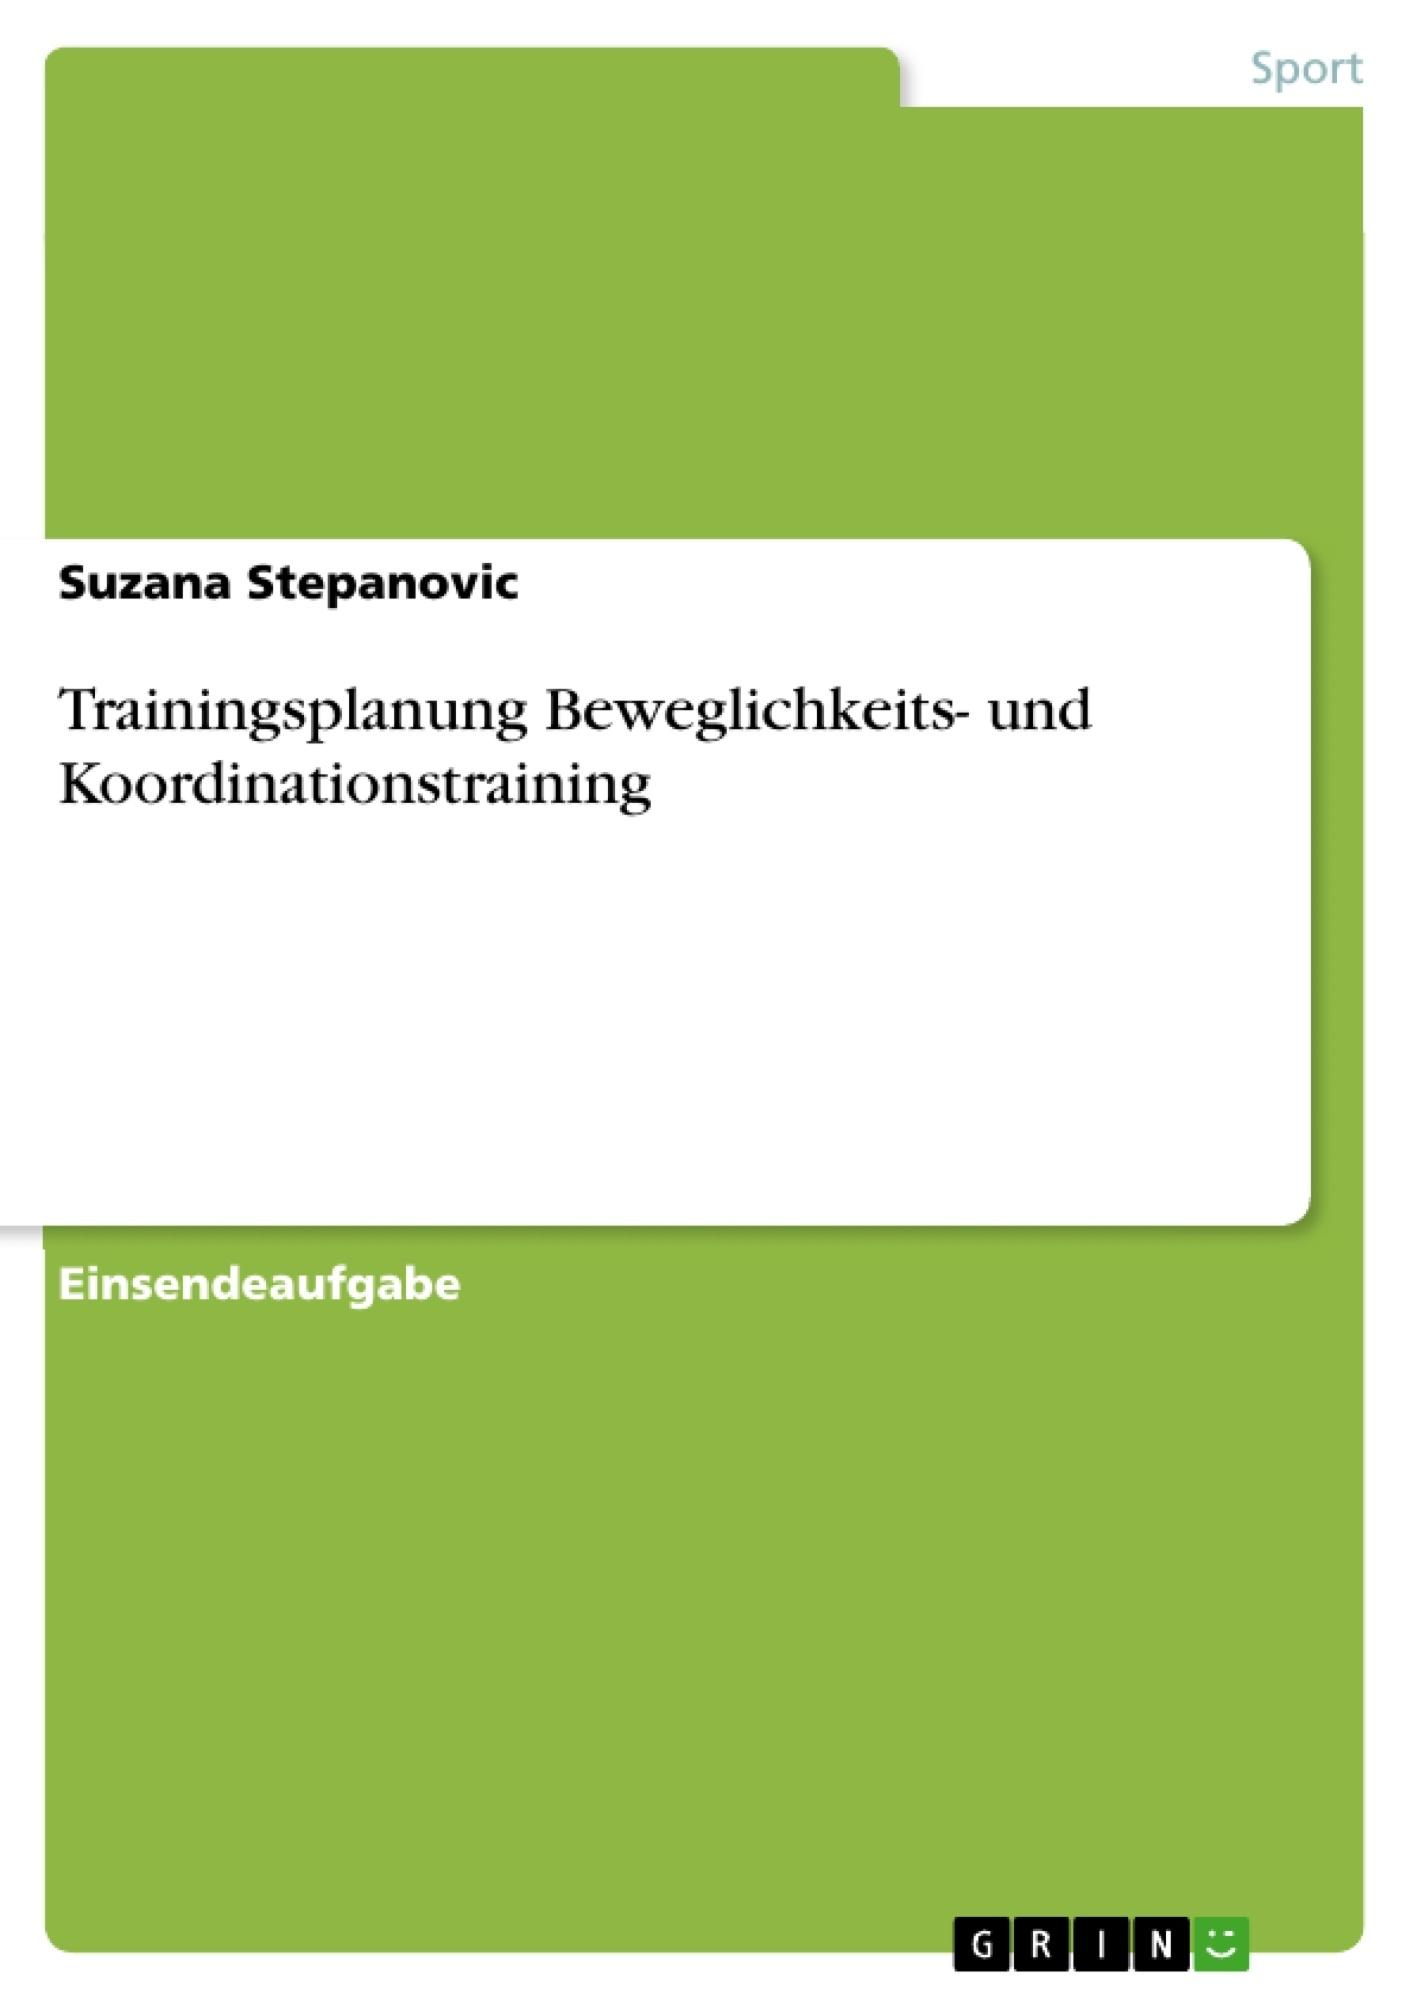 Titel: Trainingsplanung Beweglichkeits- und Koordinationstraining